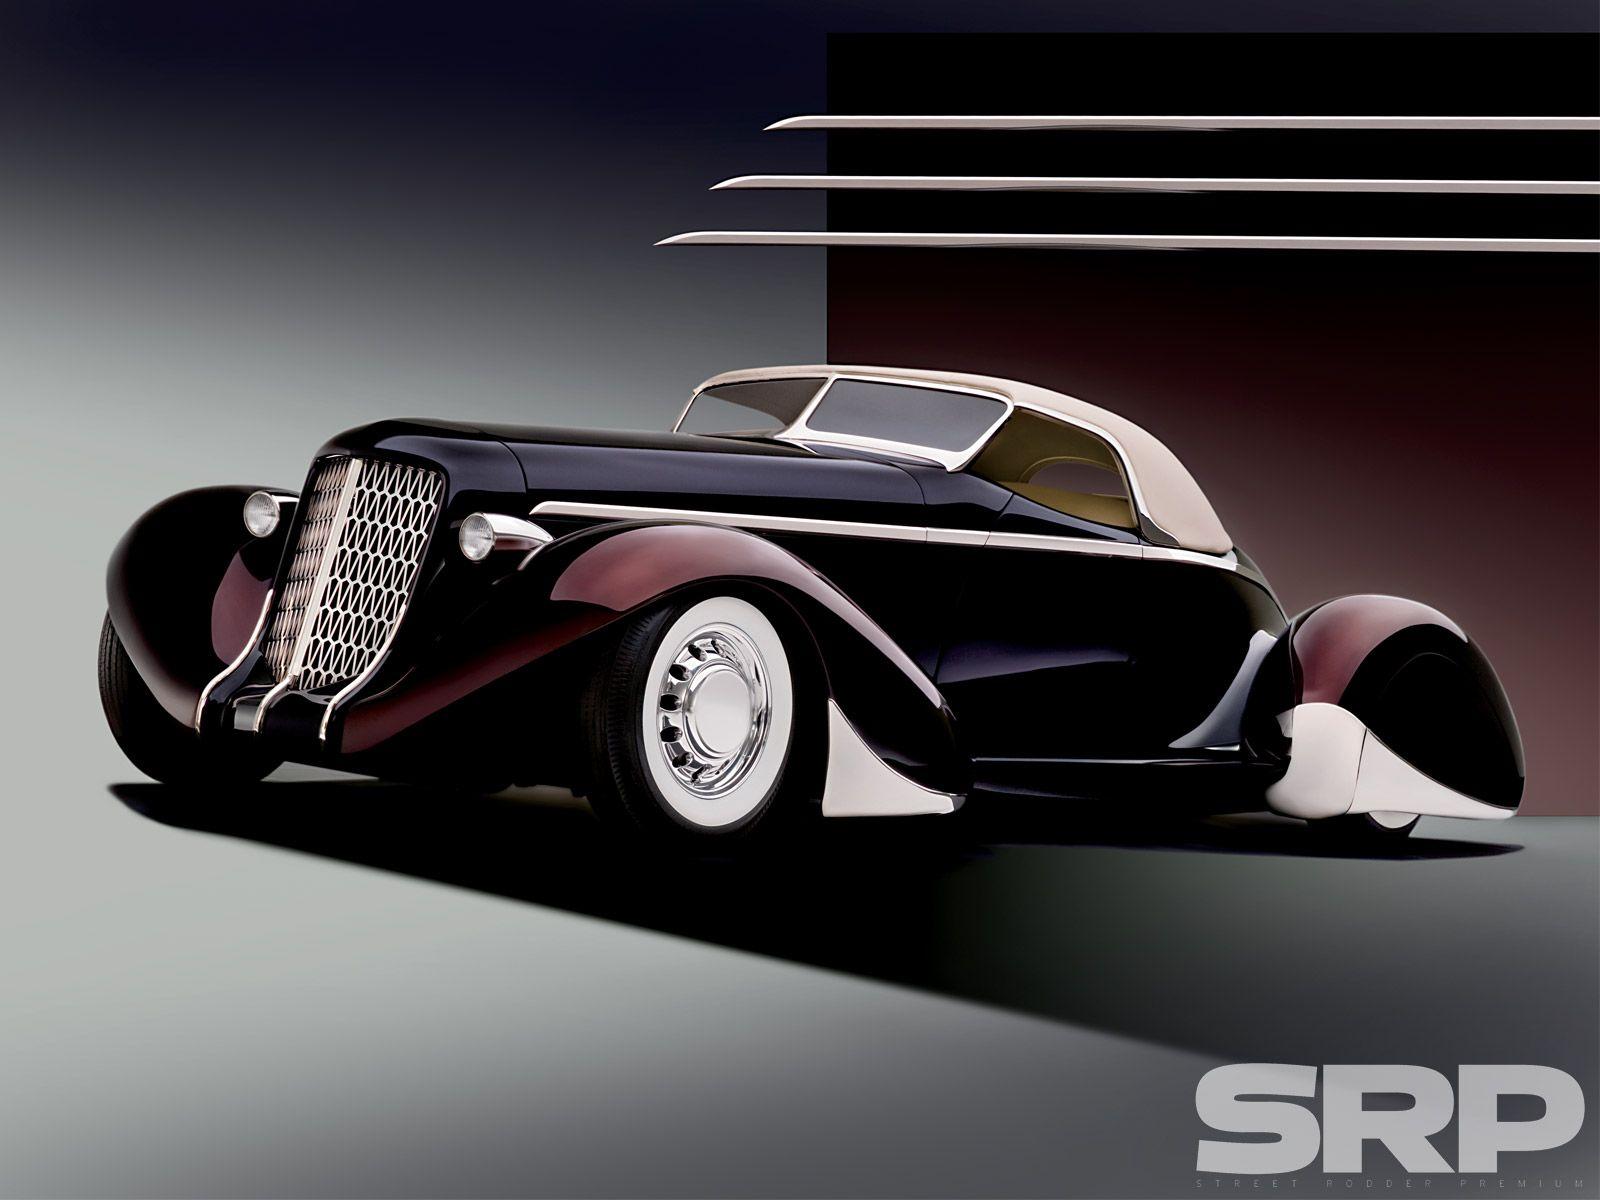 1136sr-01-o-1936-glenn-pray-auburn-852-speedster-driver-side-front-view.jpg (1600×1200)